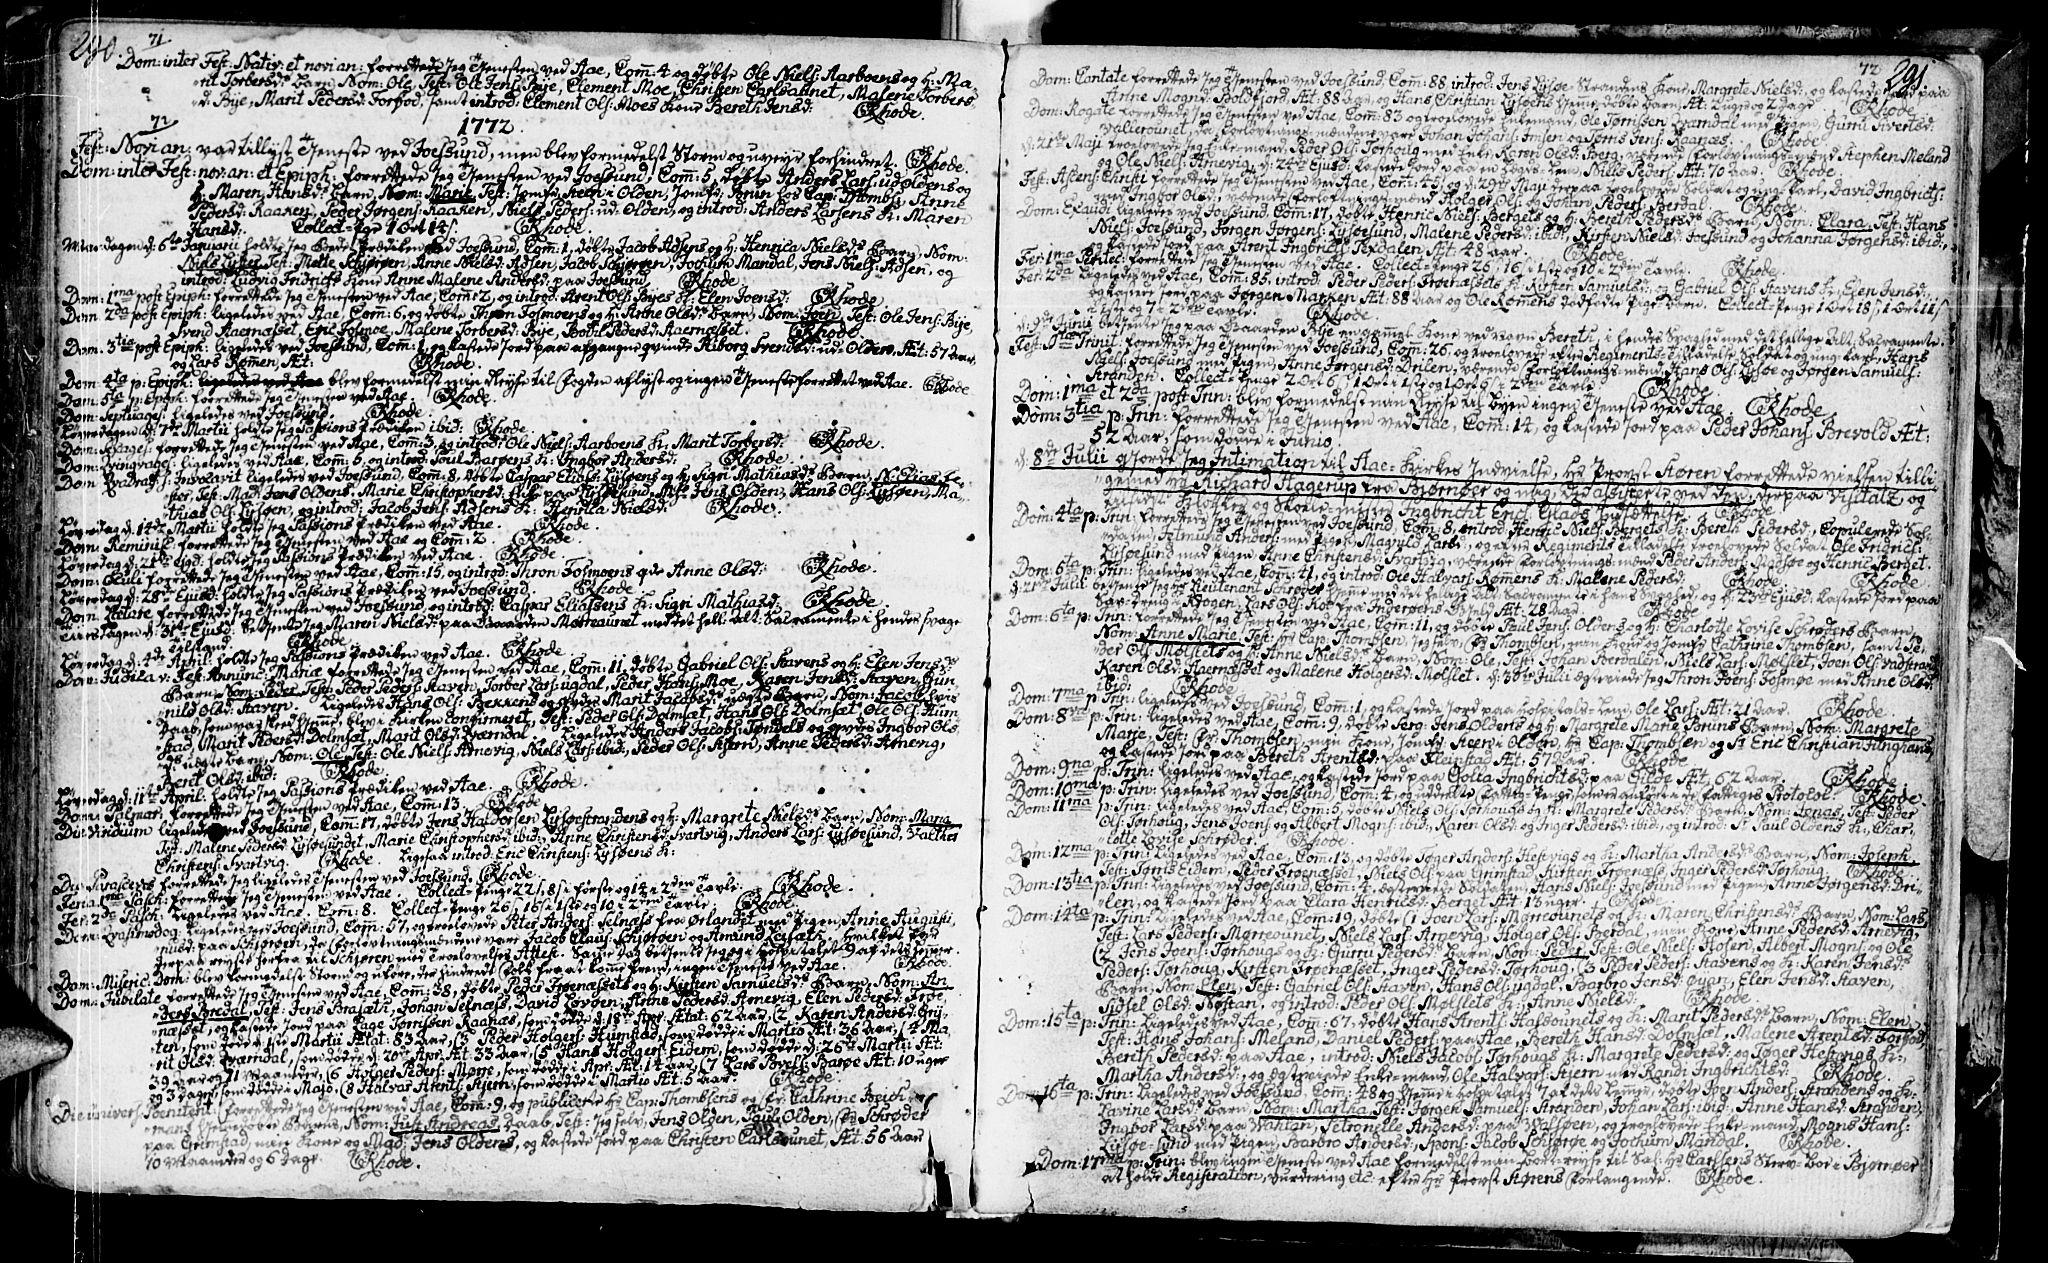 SAT, Ministerialprotokoller, klokkerbøker og fødselsregistre - Sør-Trøndelag, 655/L0672: Ministerialbok nr. 655A01, 1750-1779, s. 290-291